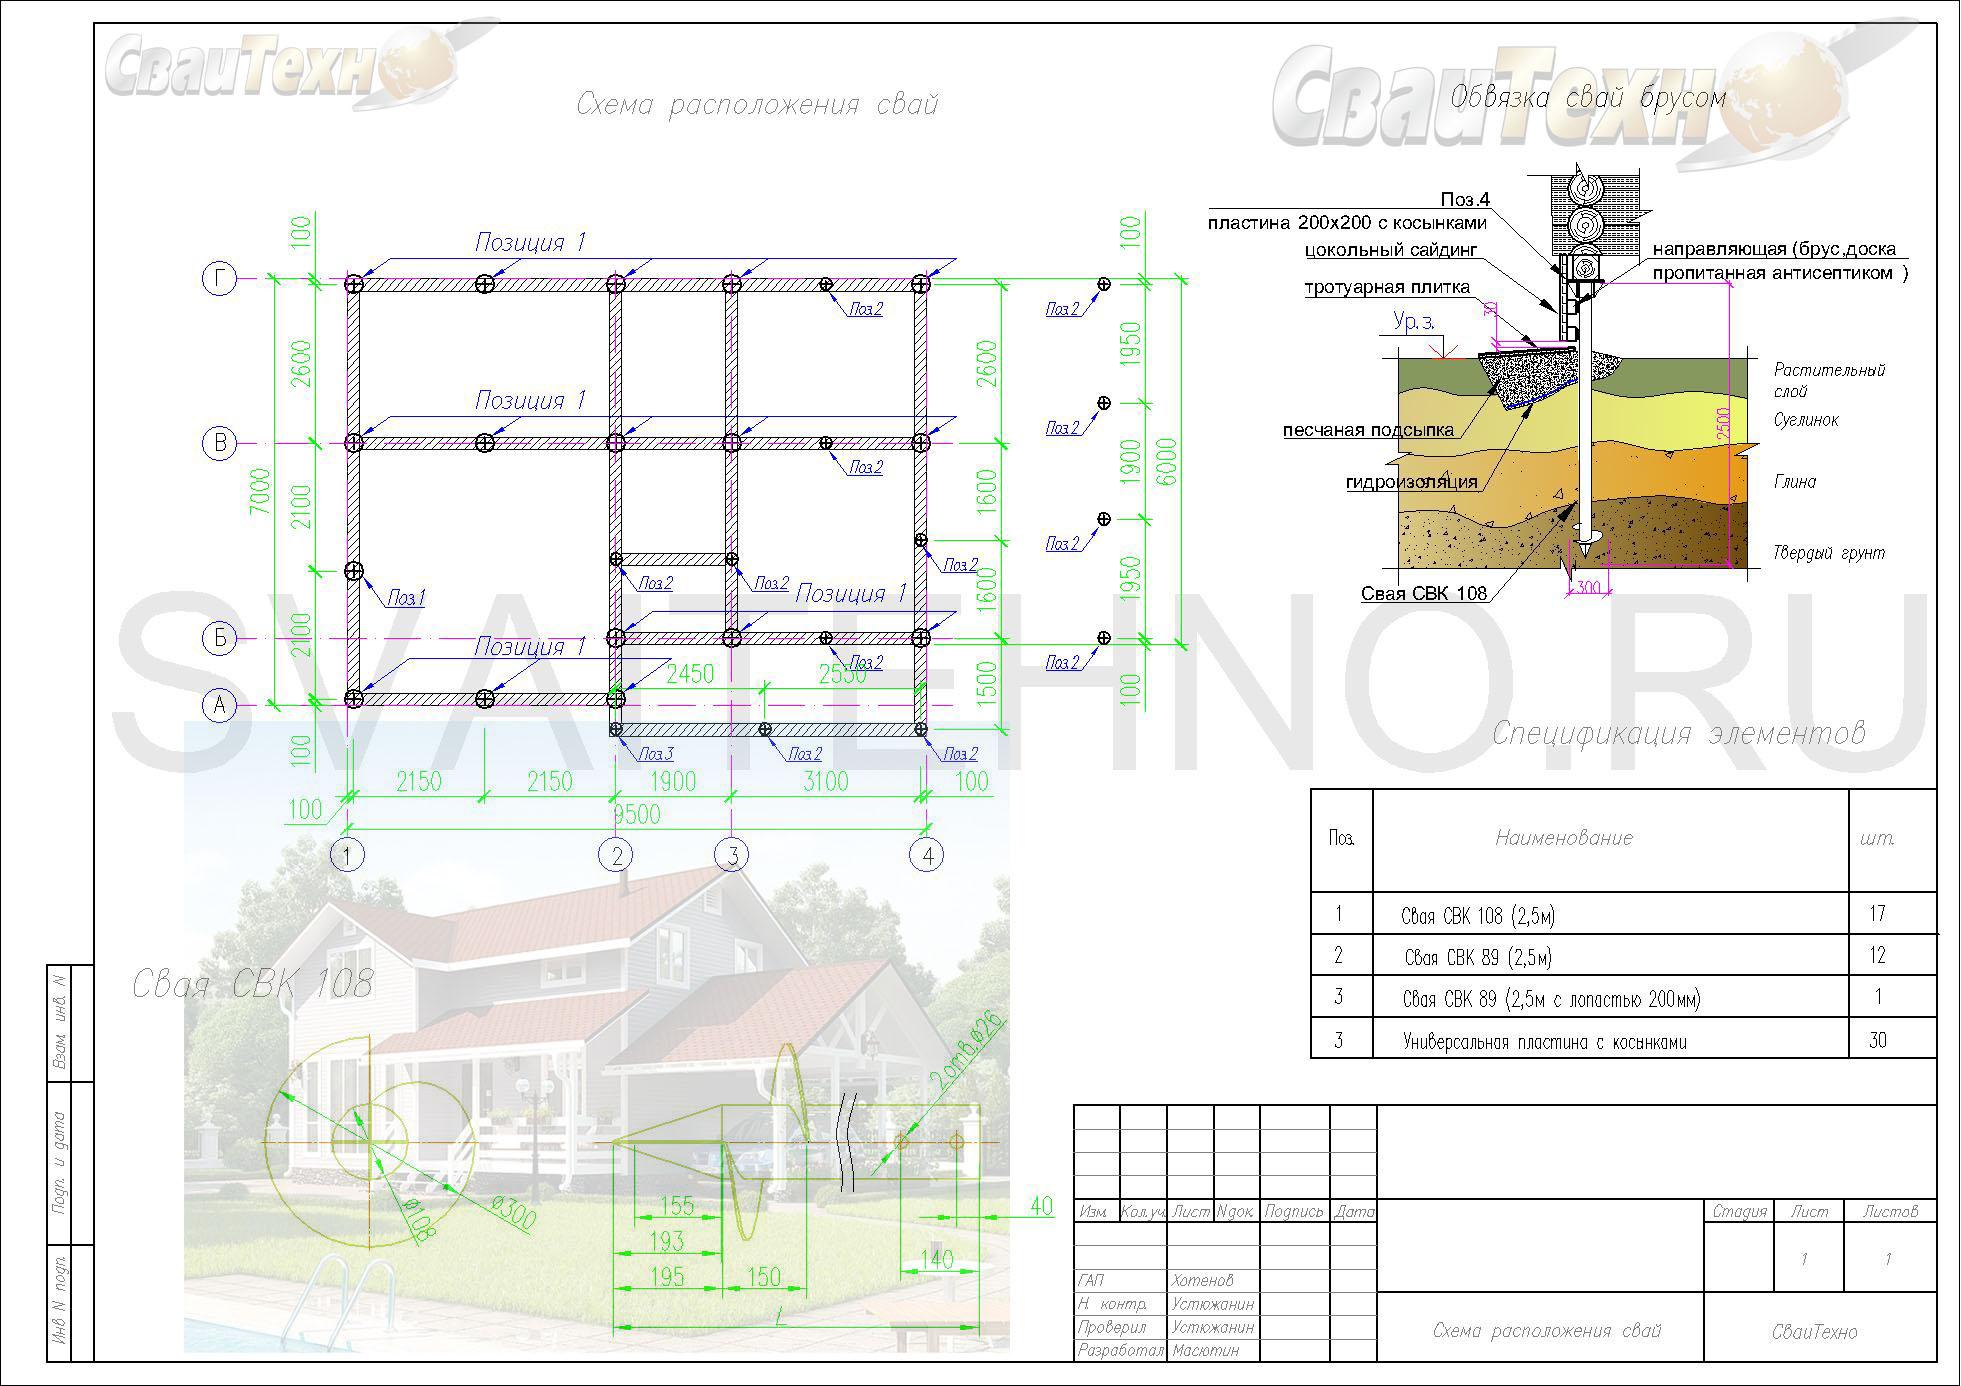 Схема расположения свай для фундамента дома каркасного типа с мансардным этажом